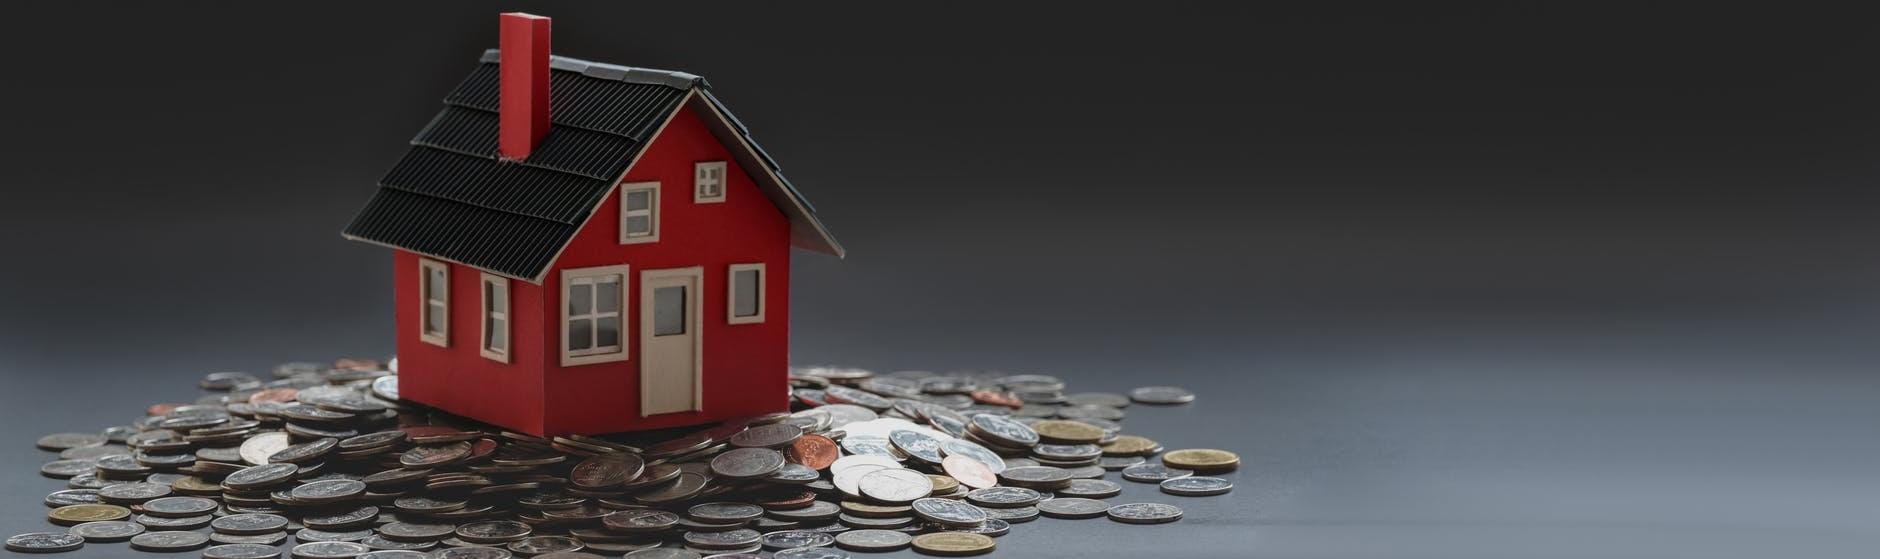 Освобождение от уплаты пенсионного сбора при покупке недвижимости. Урегулирована законодателем проблема.